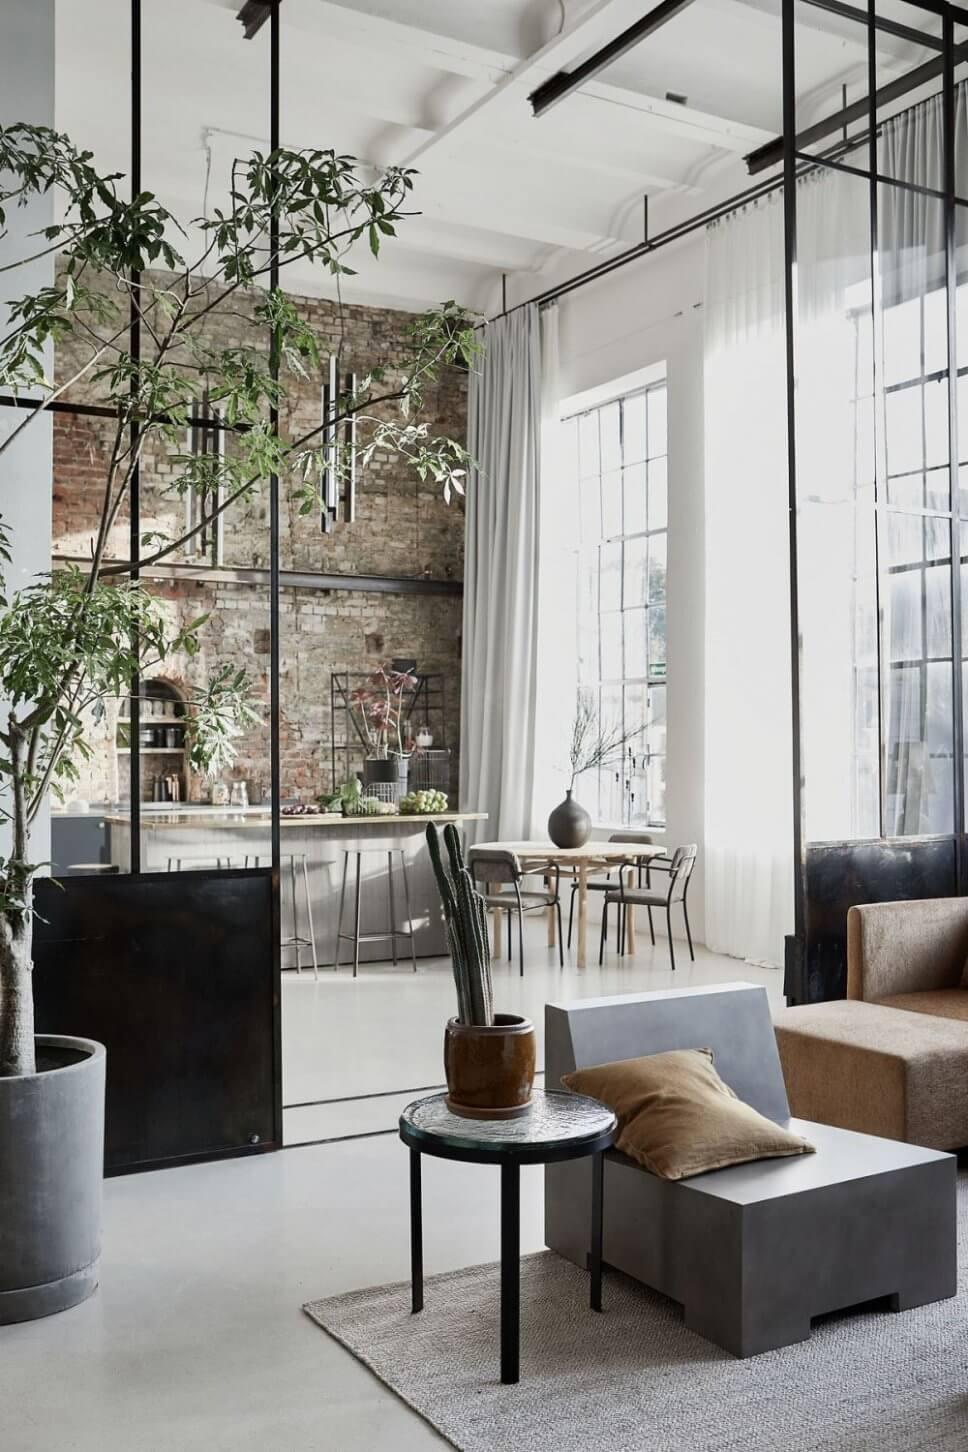 Sofas und Coffeetable im Industrieloft mit Blick durch hohe Stahlglastüren in offene Küche